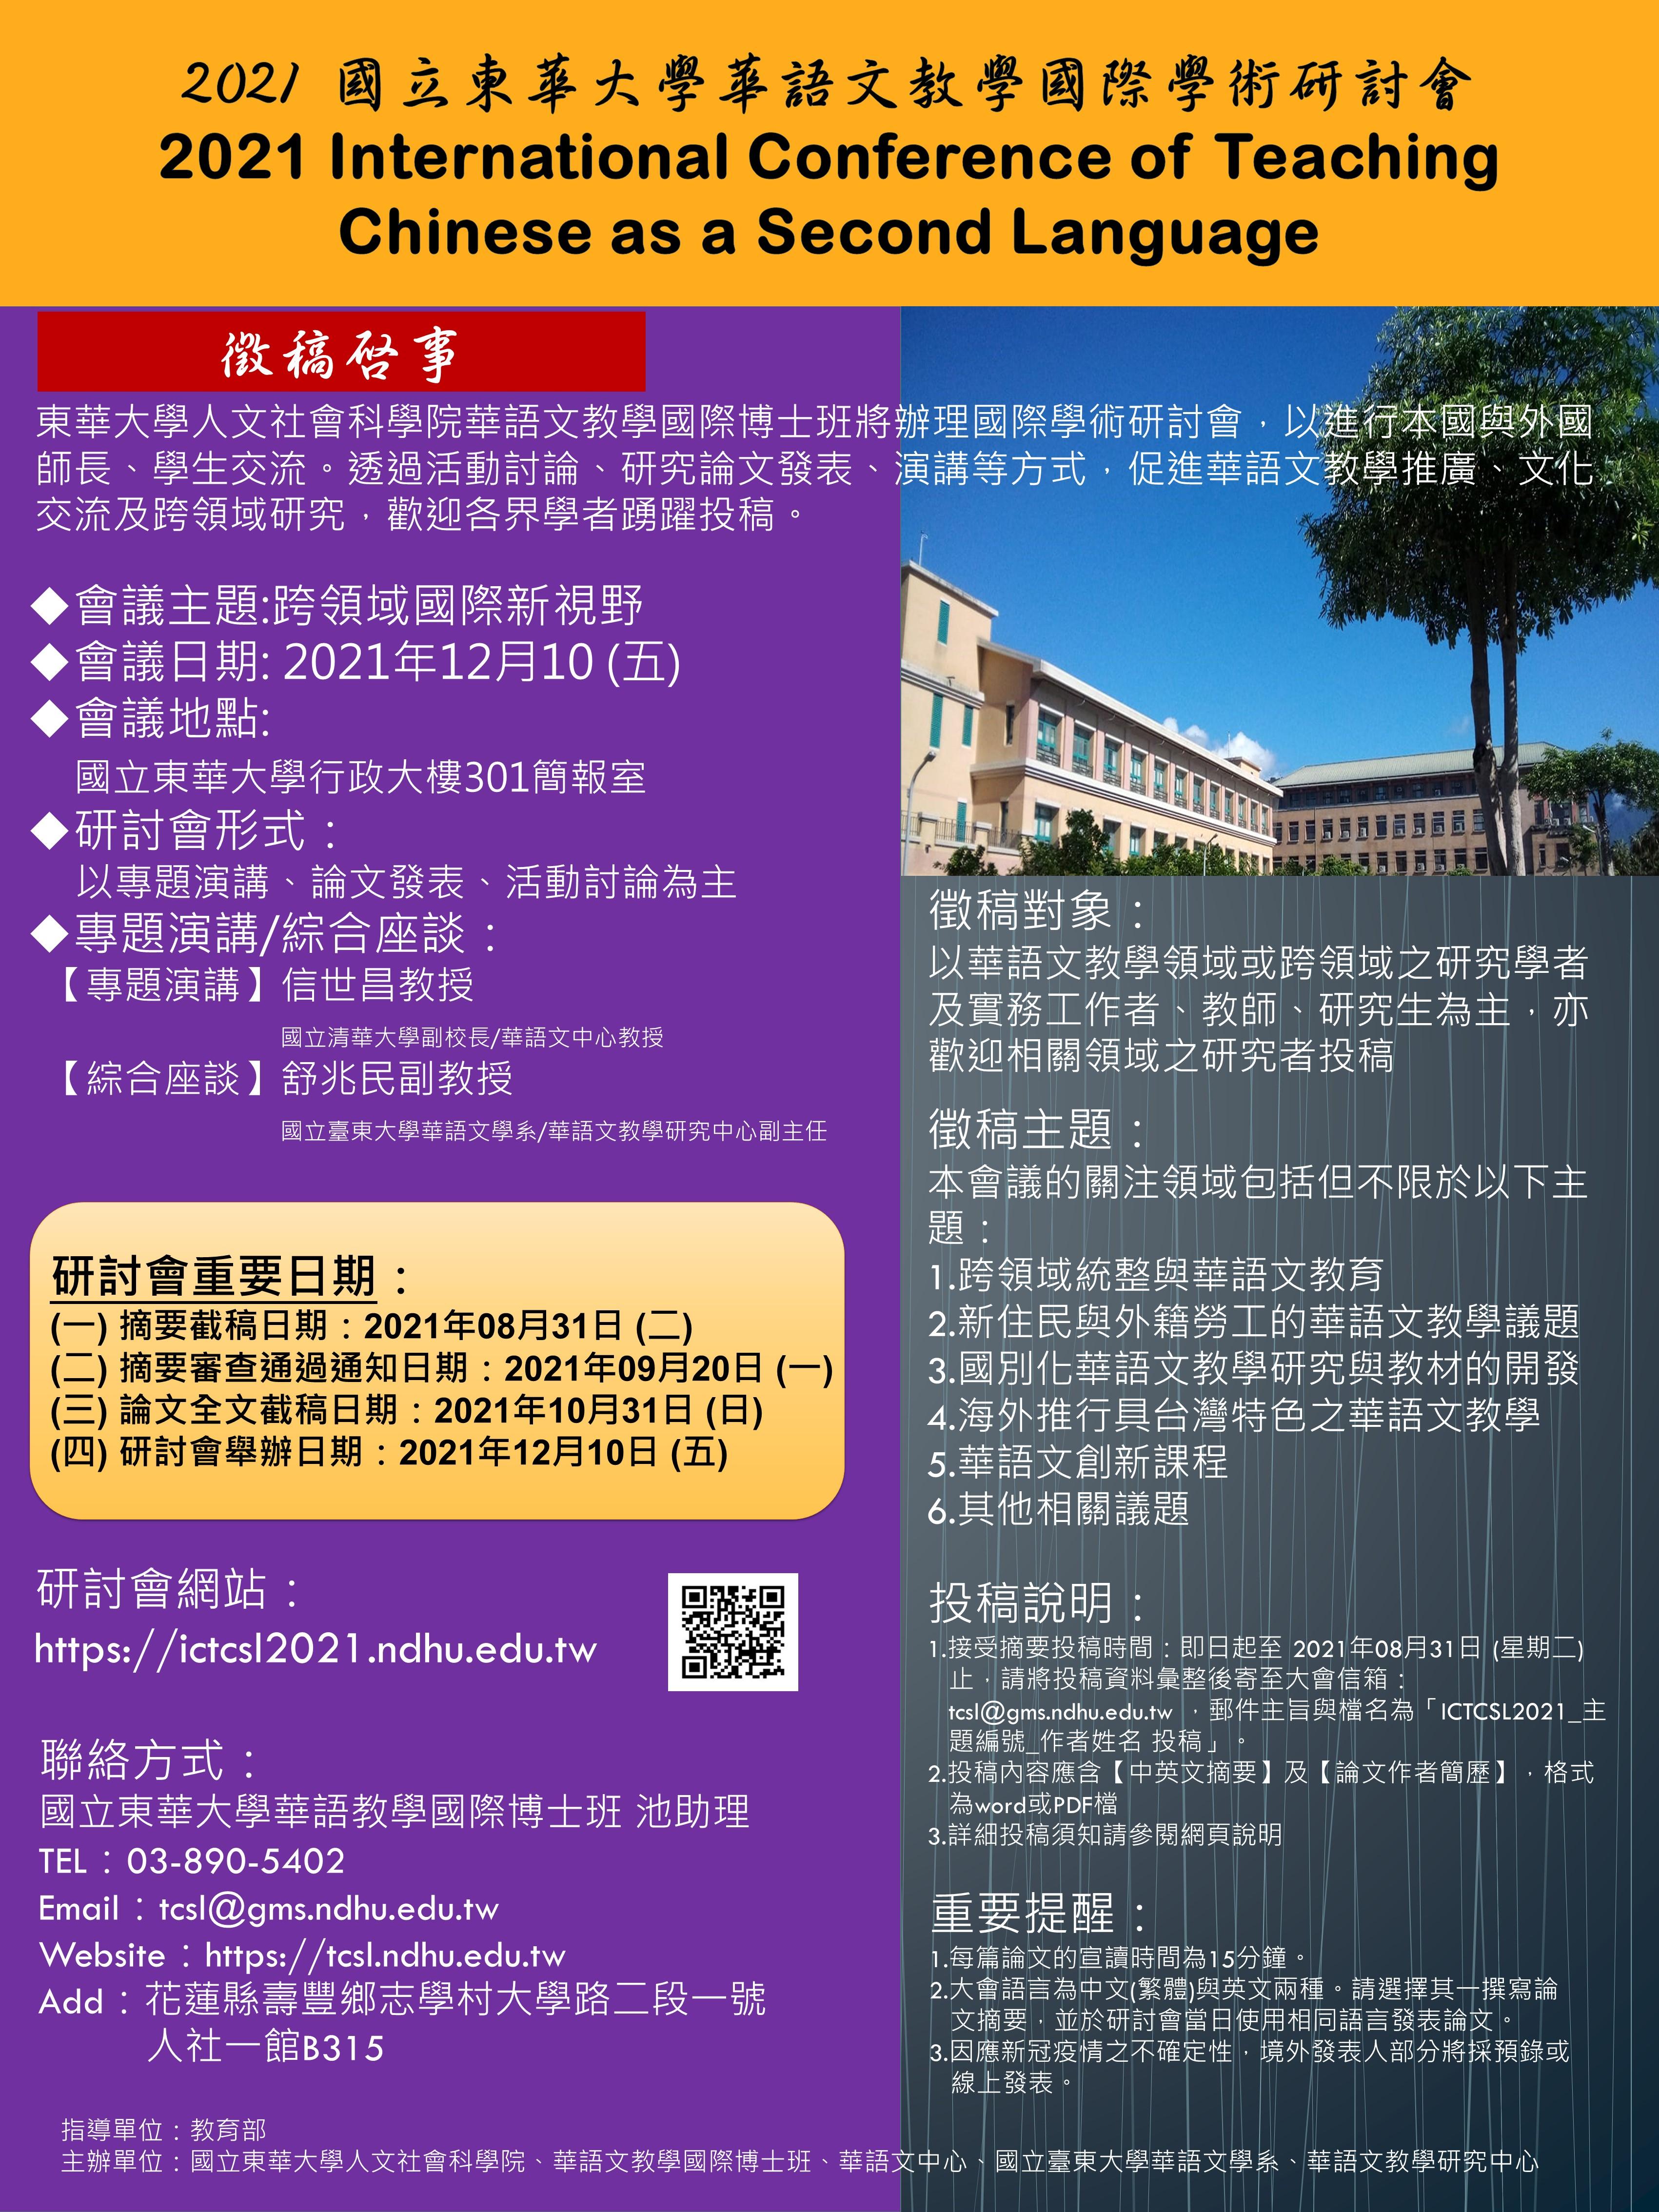 【轉知】「2021東華大學華語文教學國際學術研討會」徵稿啟事